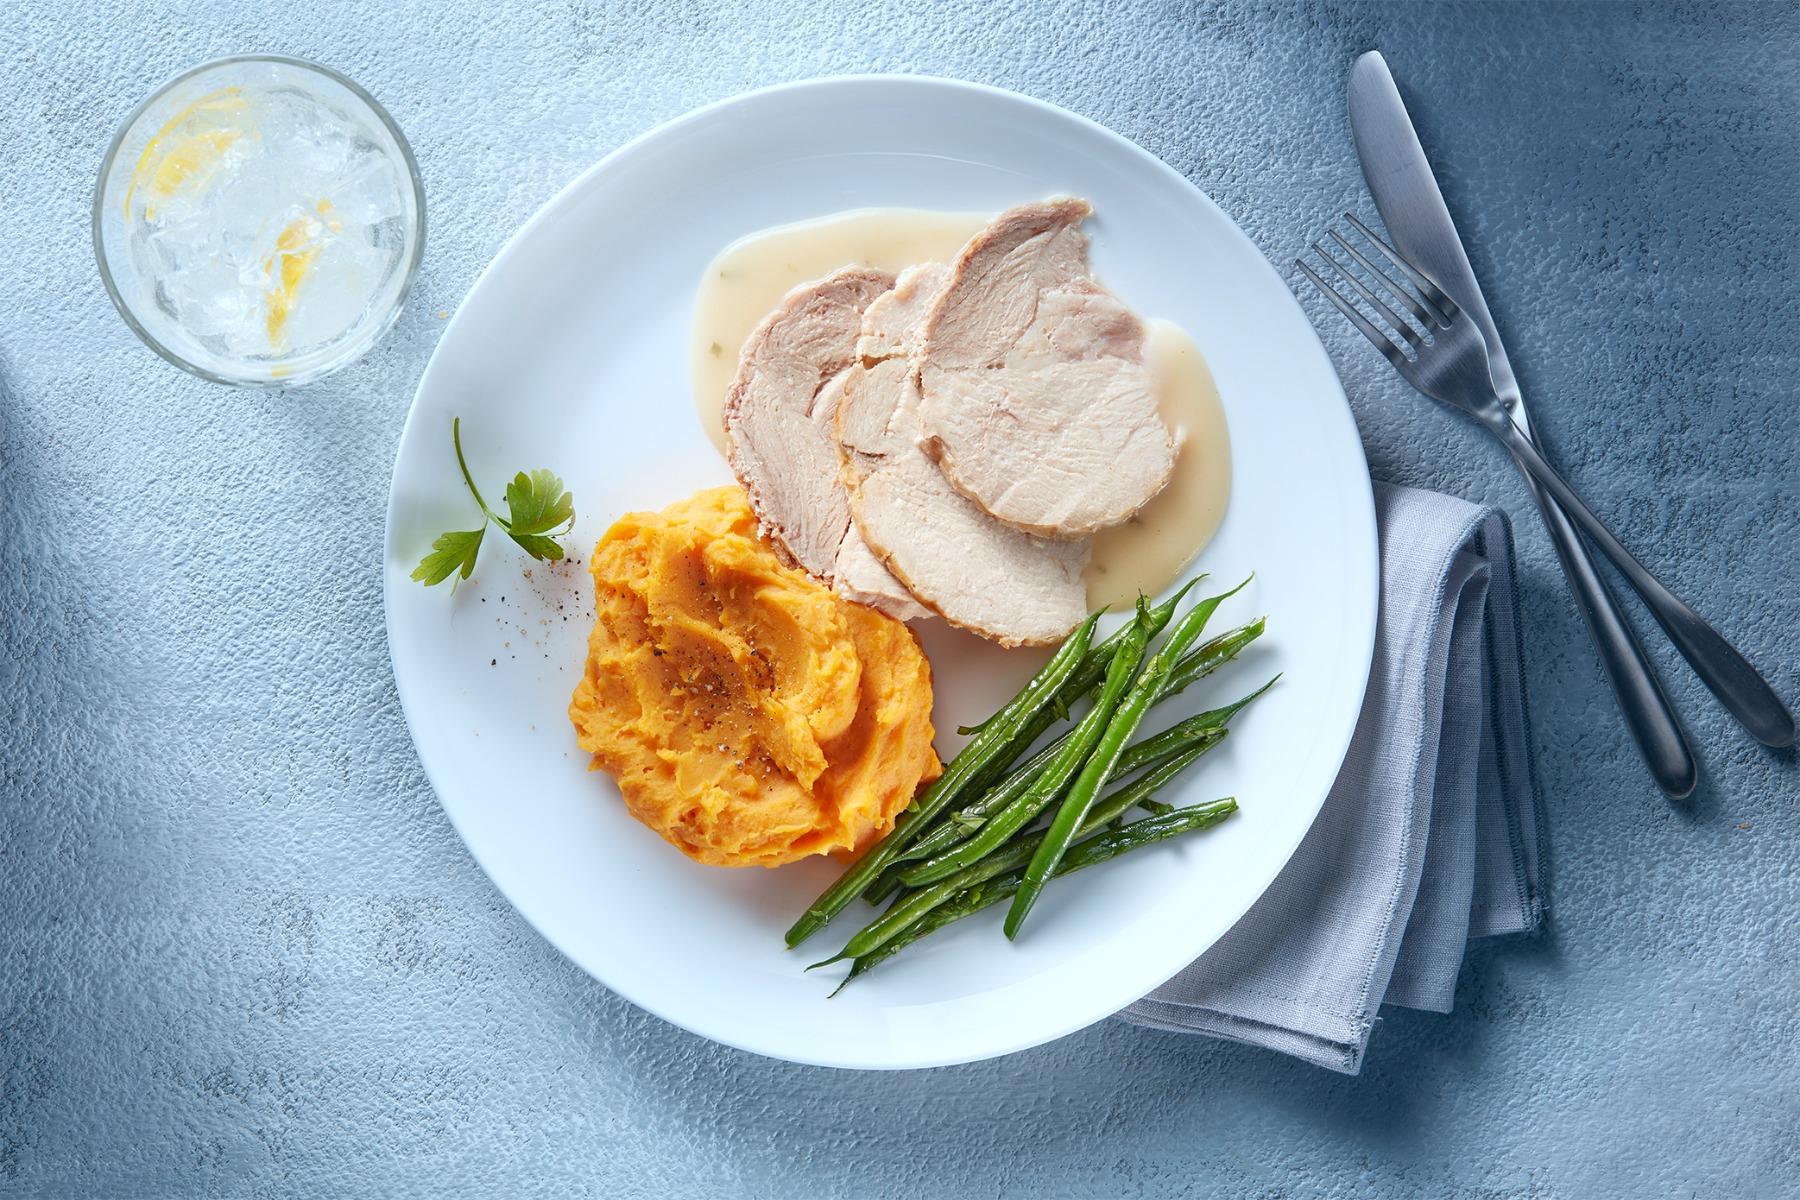 Sliced turkey roast